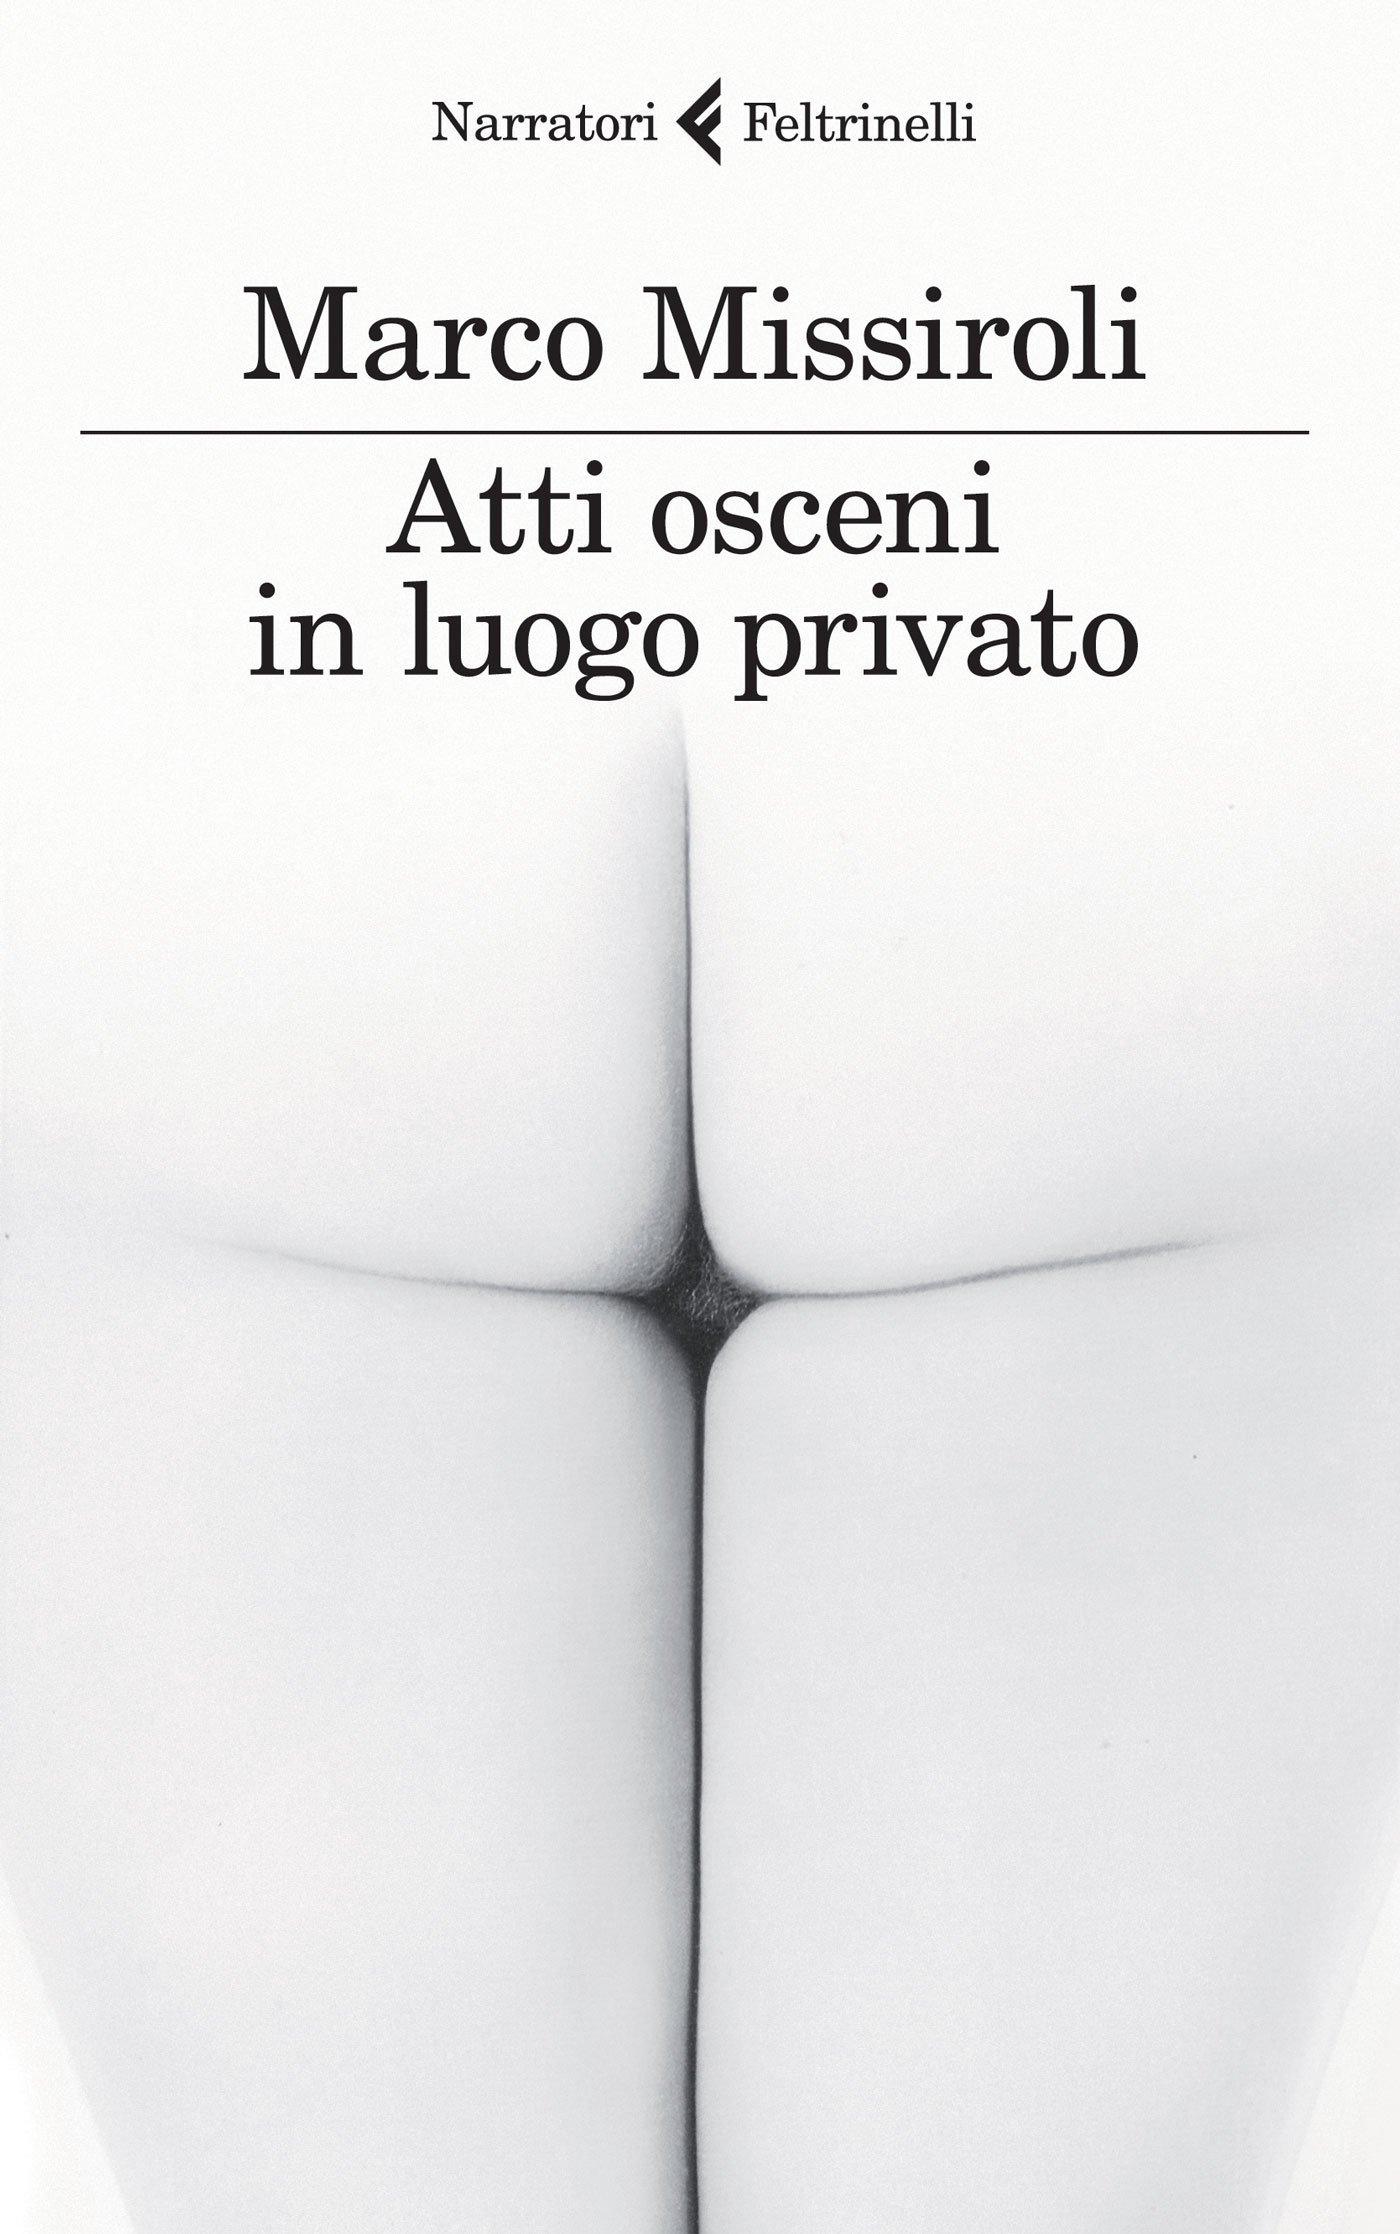 Atti osceni in luogo privato, Marco Missiroli. Feltrinelli, 2015. € 16,00